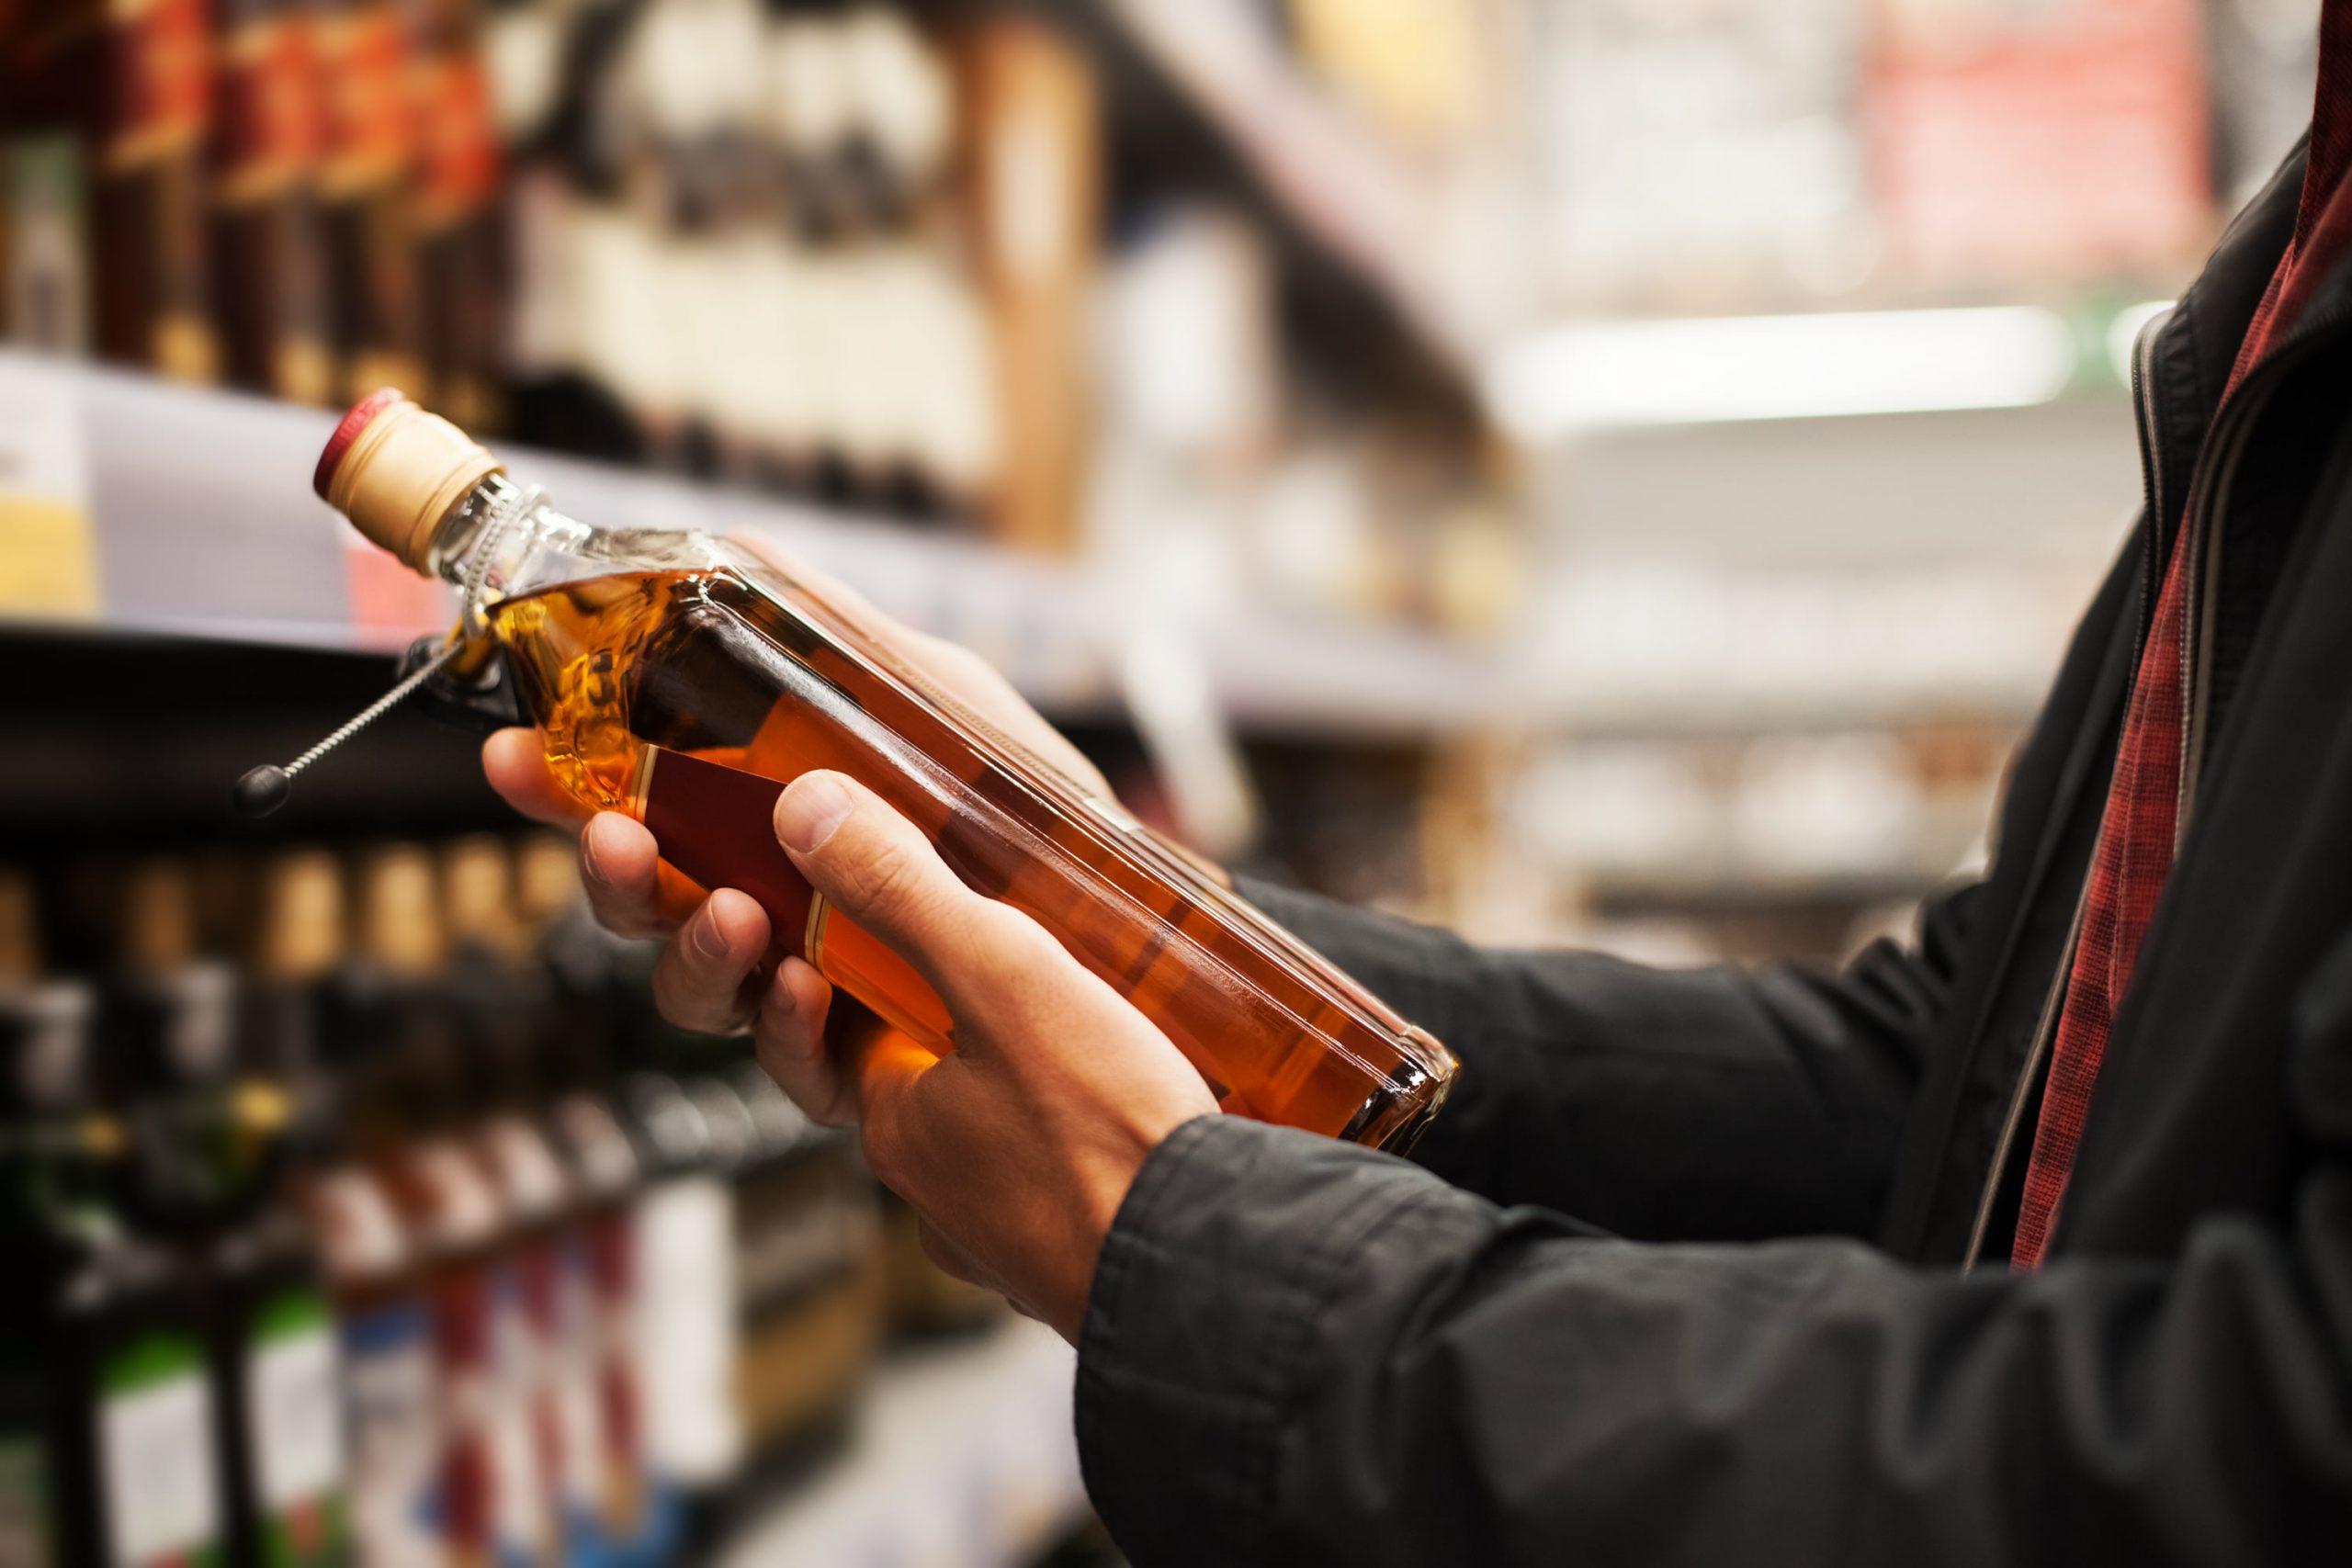 Jak wybrać dobre whisky w sklepie?